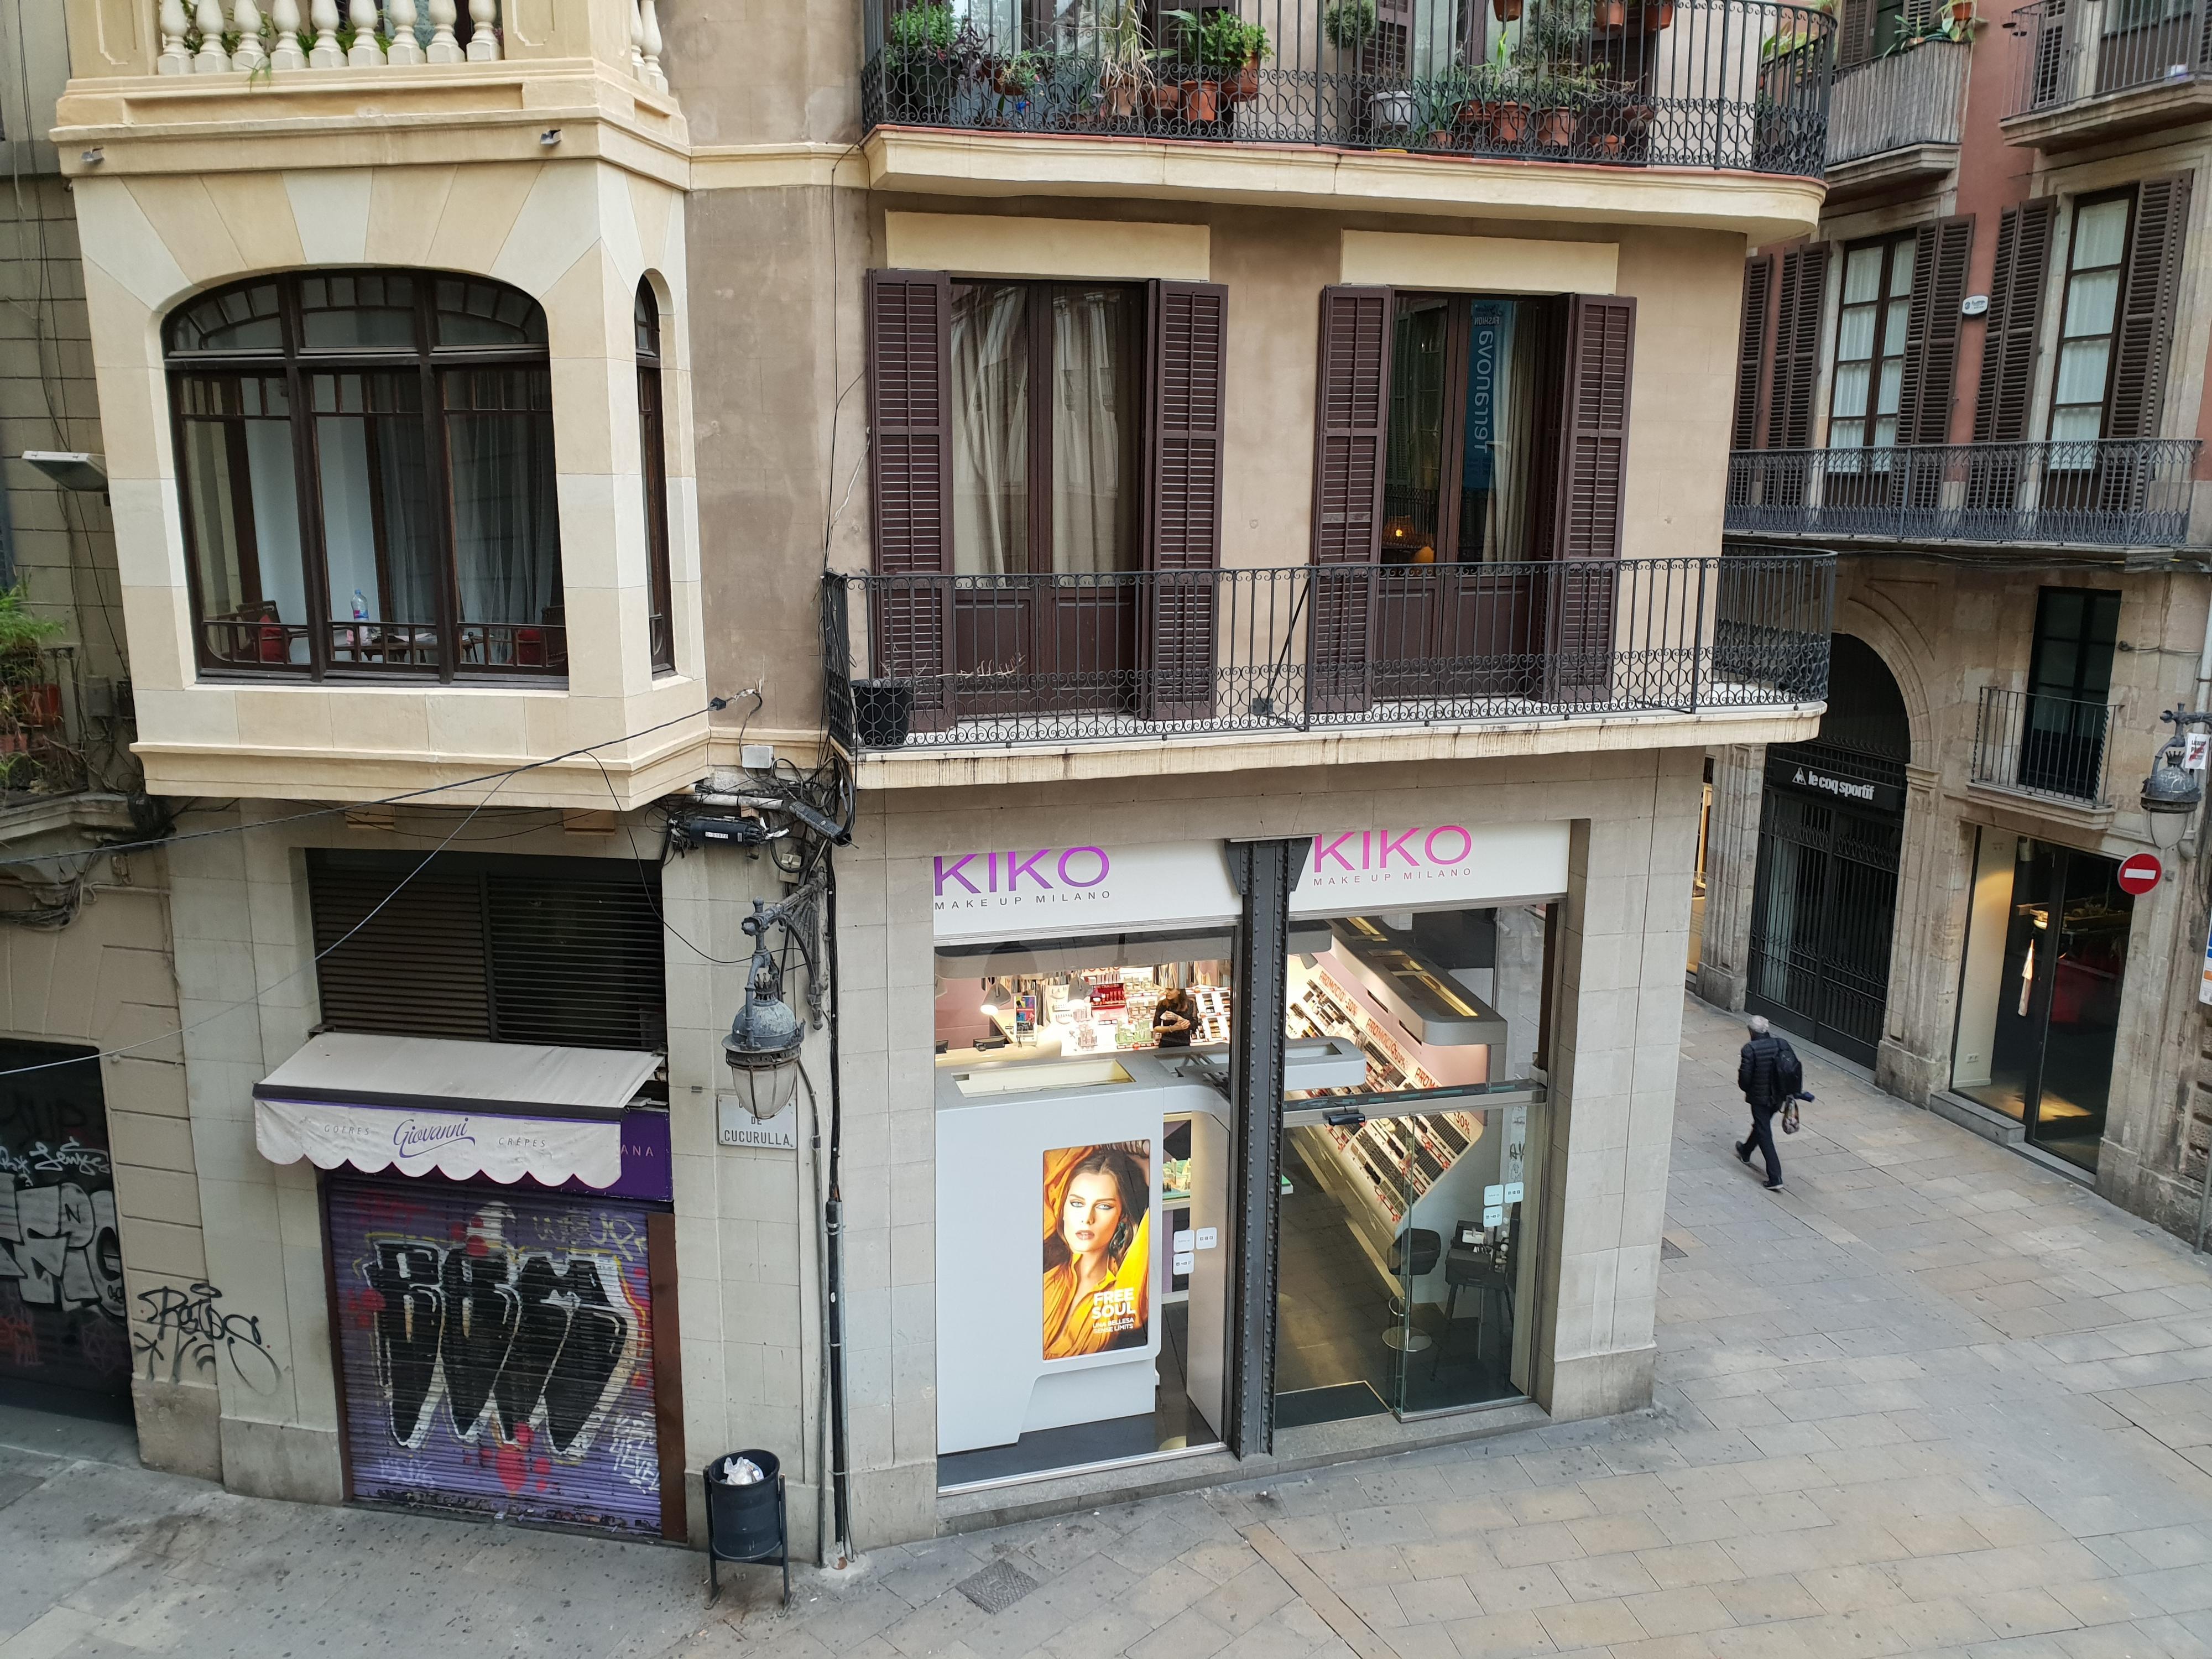 Nok et gatebilde fra Barcelona.